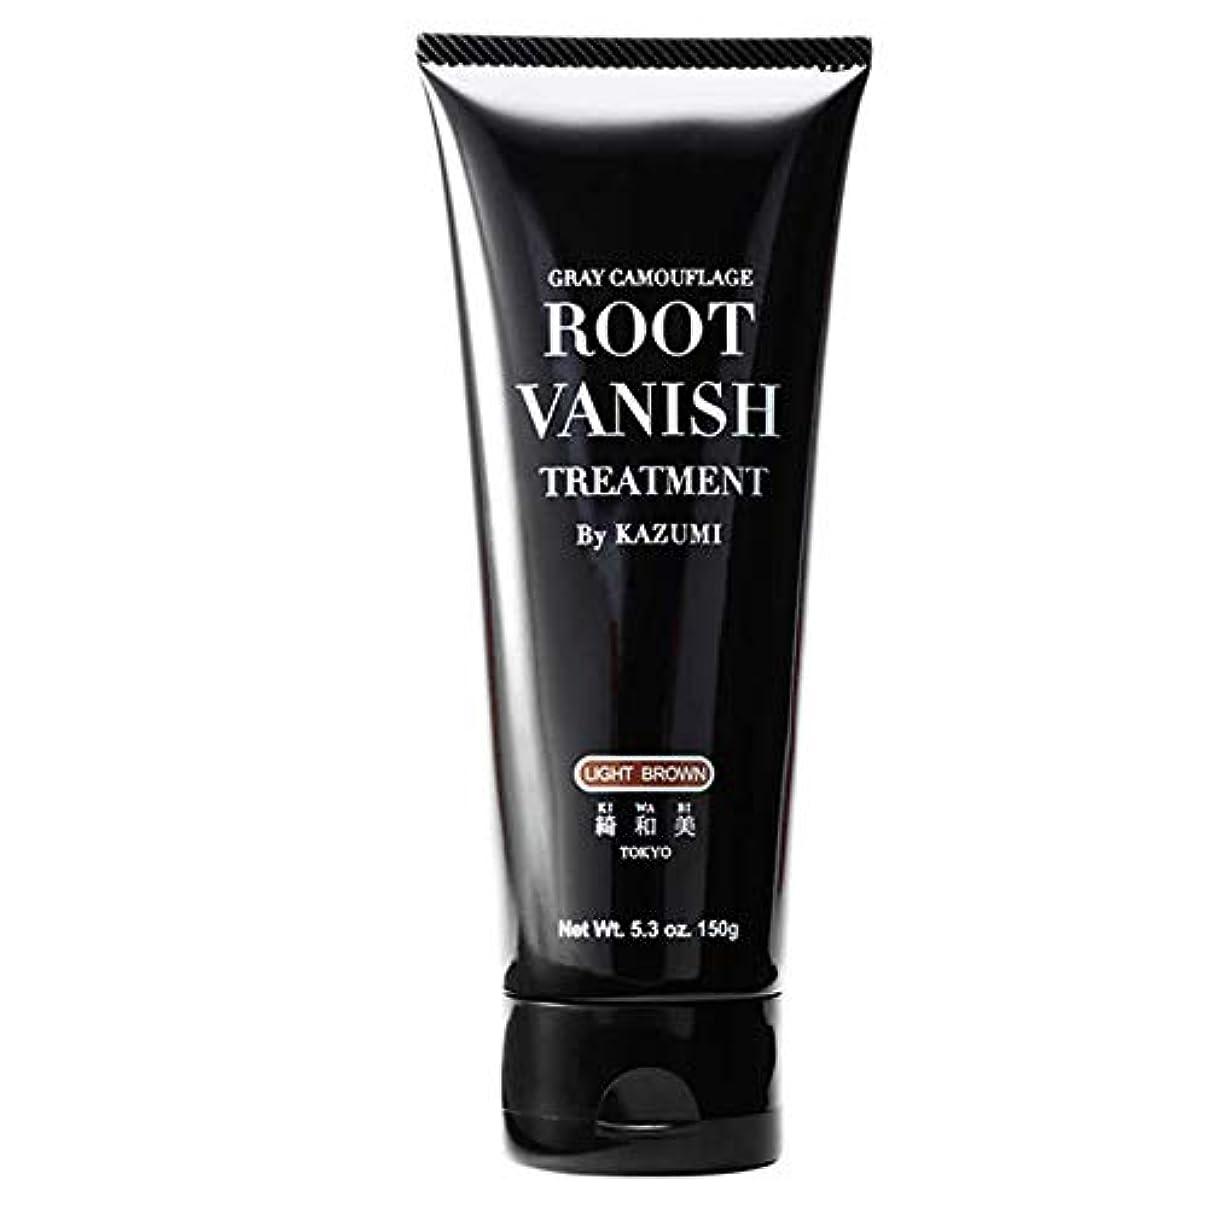 第三むき出し笑Root Vanish 白髪染め (ライトブラウン) ヘアカラートリートメント 女性用 [100%天然成分 / 無添加22種類の植物エキス配合]